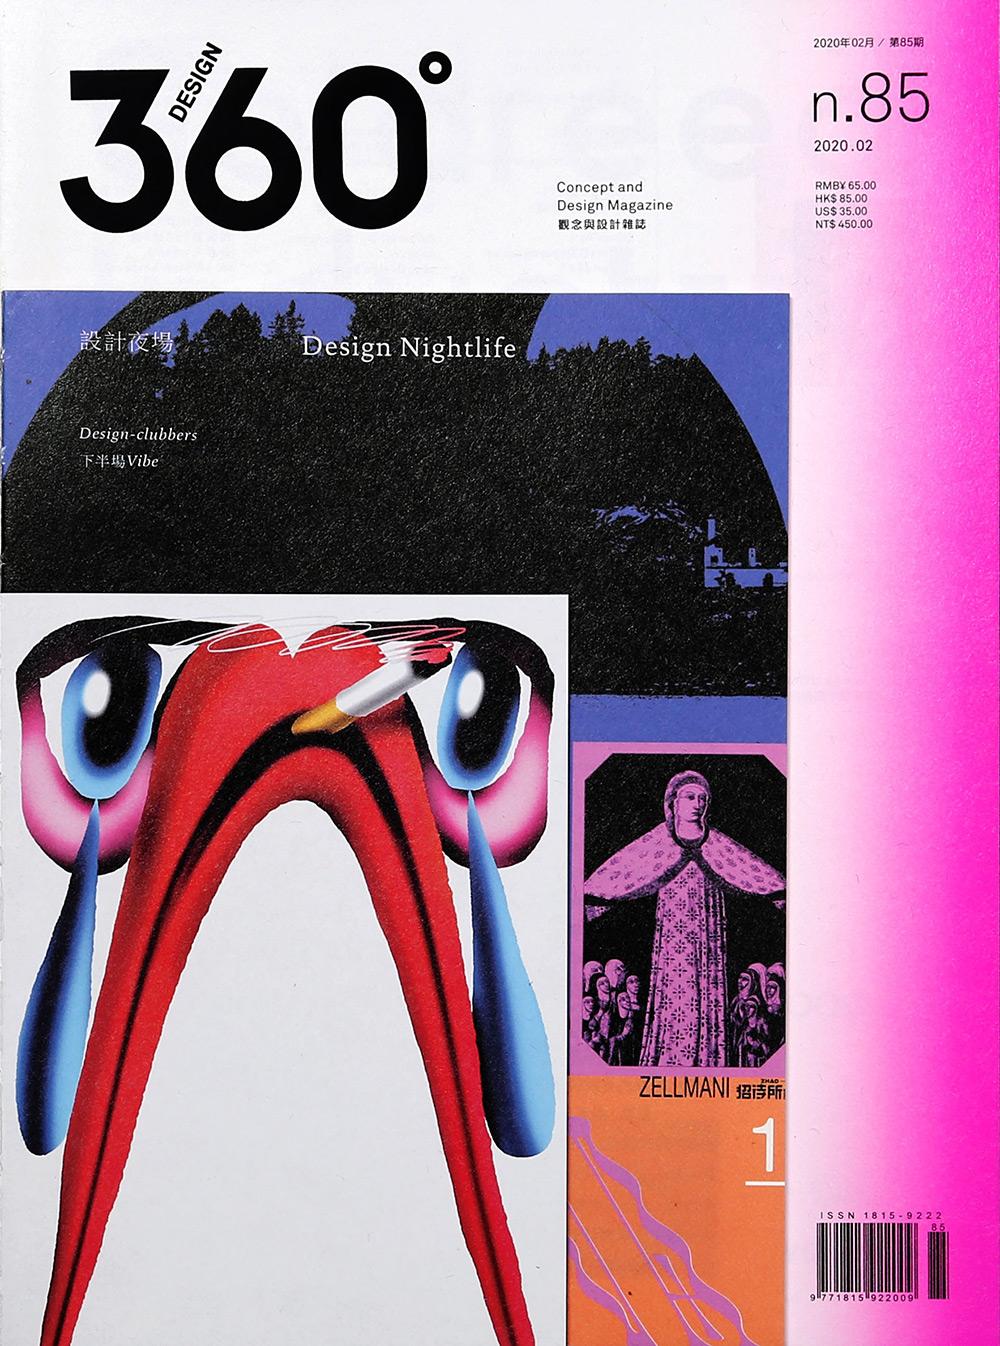 精致设计!12款杂志《Design 360°》封面作品